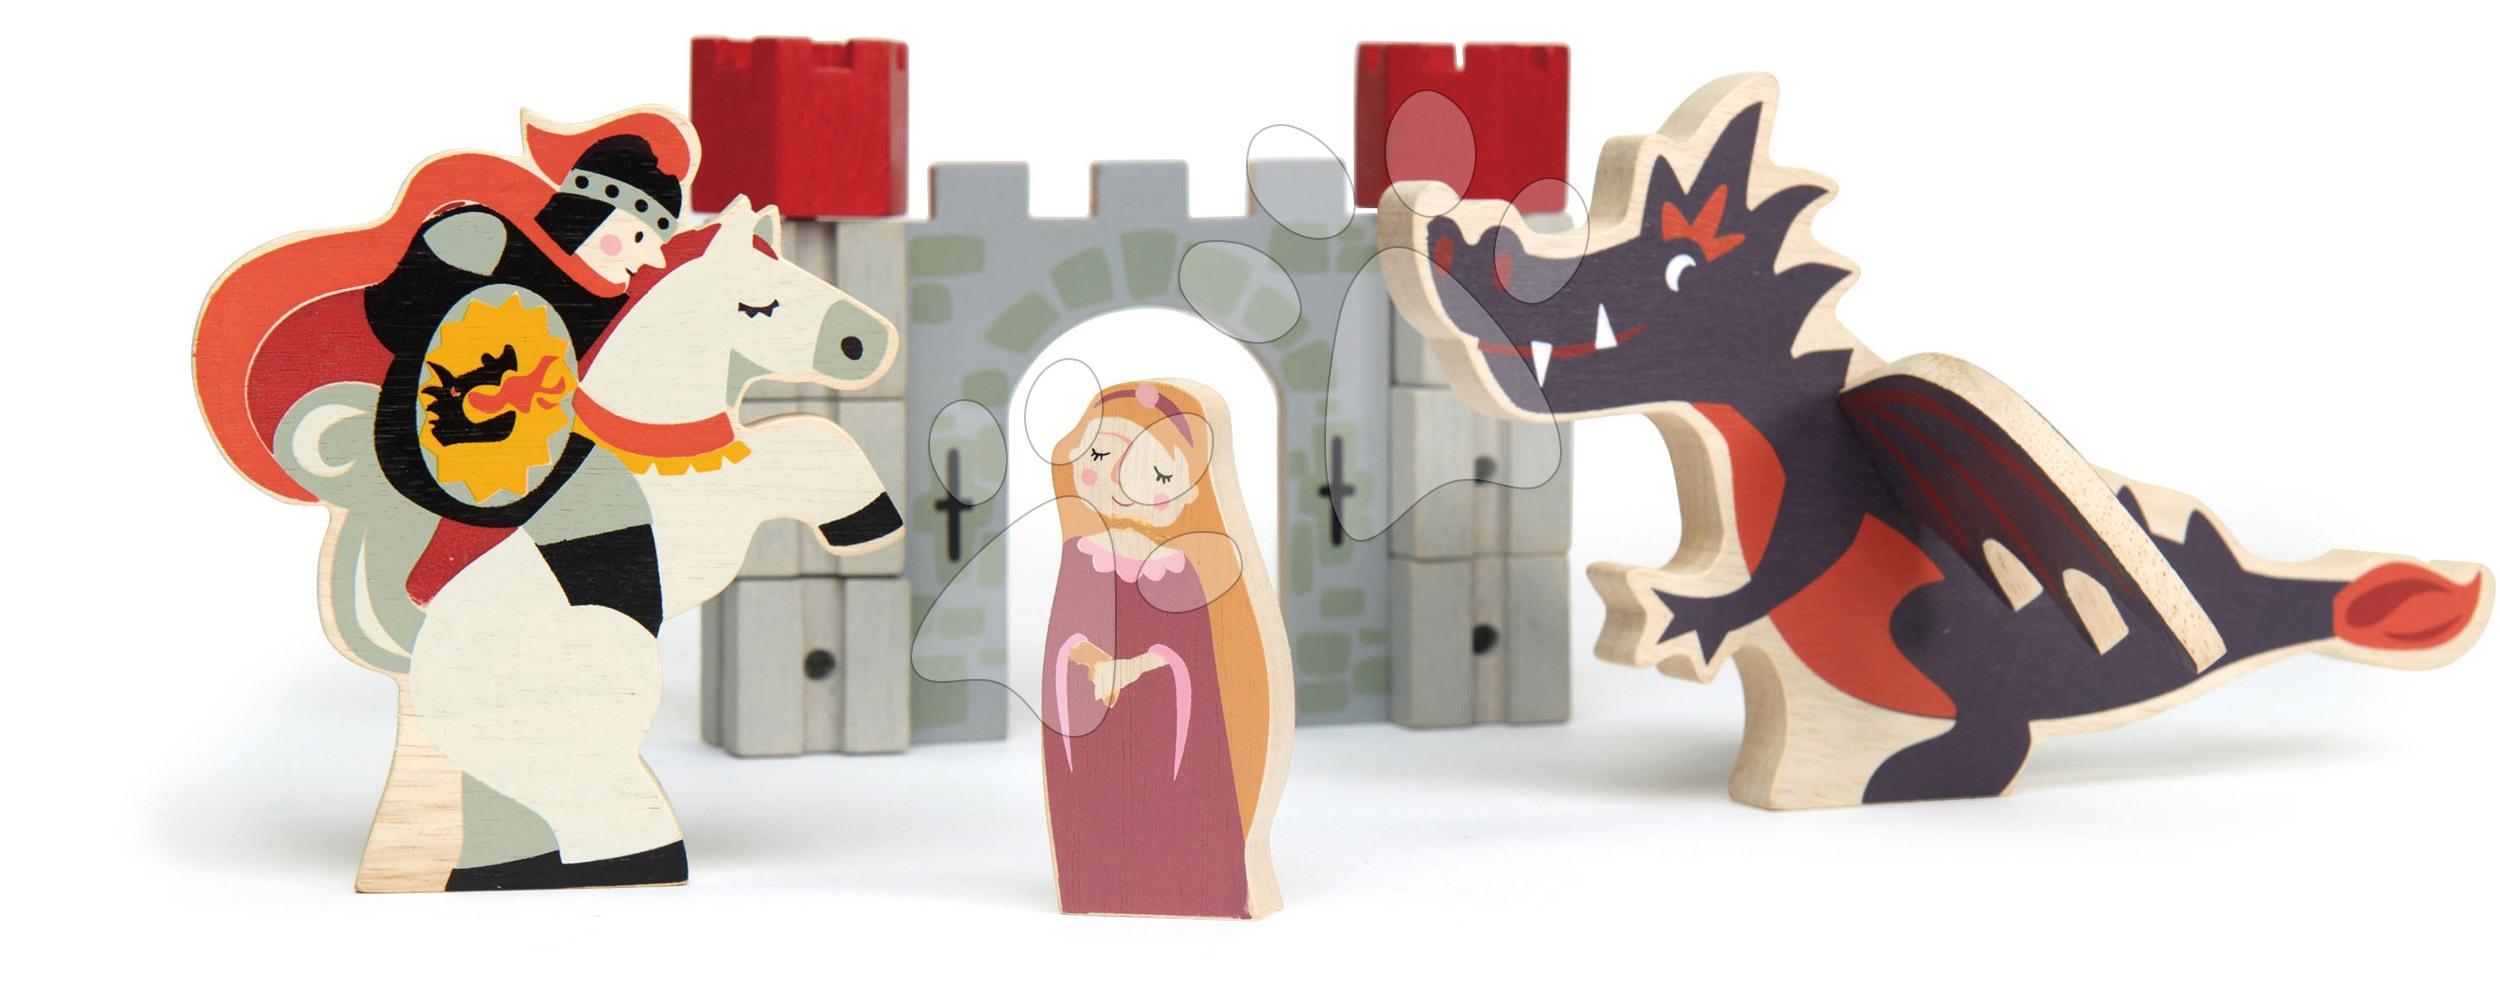 Drevený rytier so šarkanom a princeznou Knight and Dragon tales Tender Leaf Toys v rozprávke na hrade